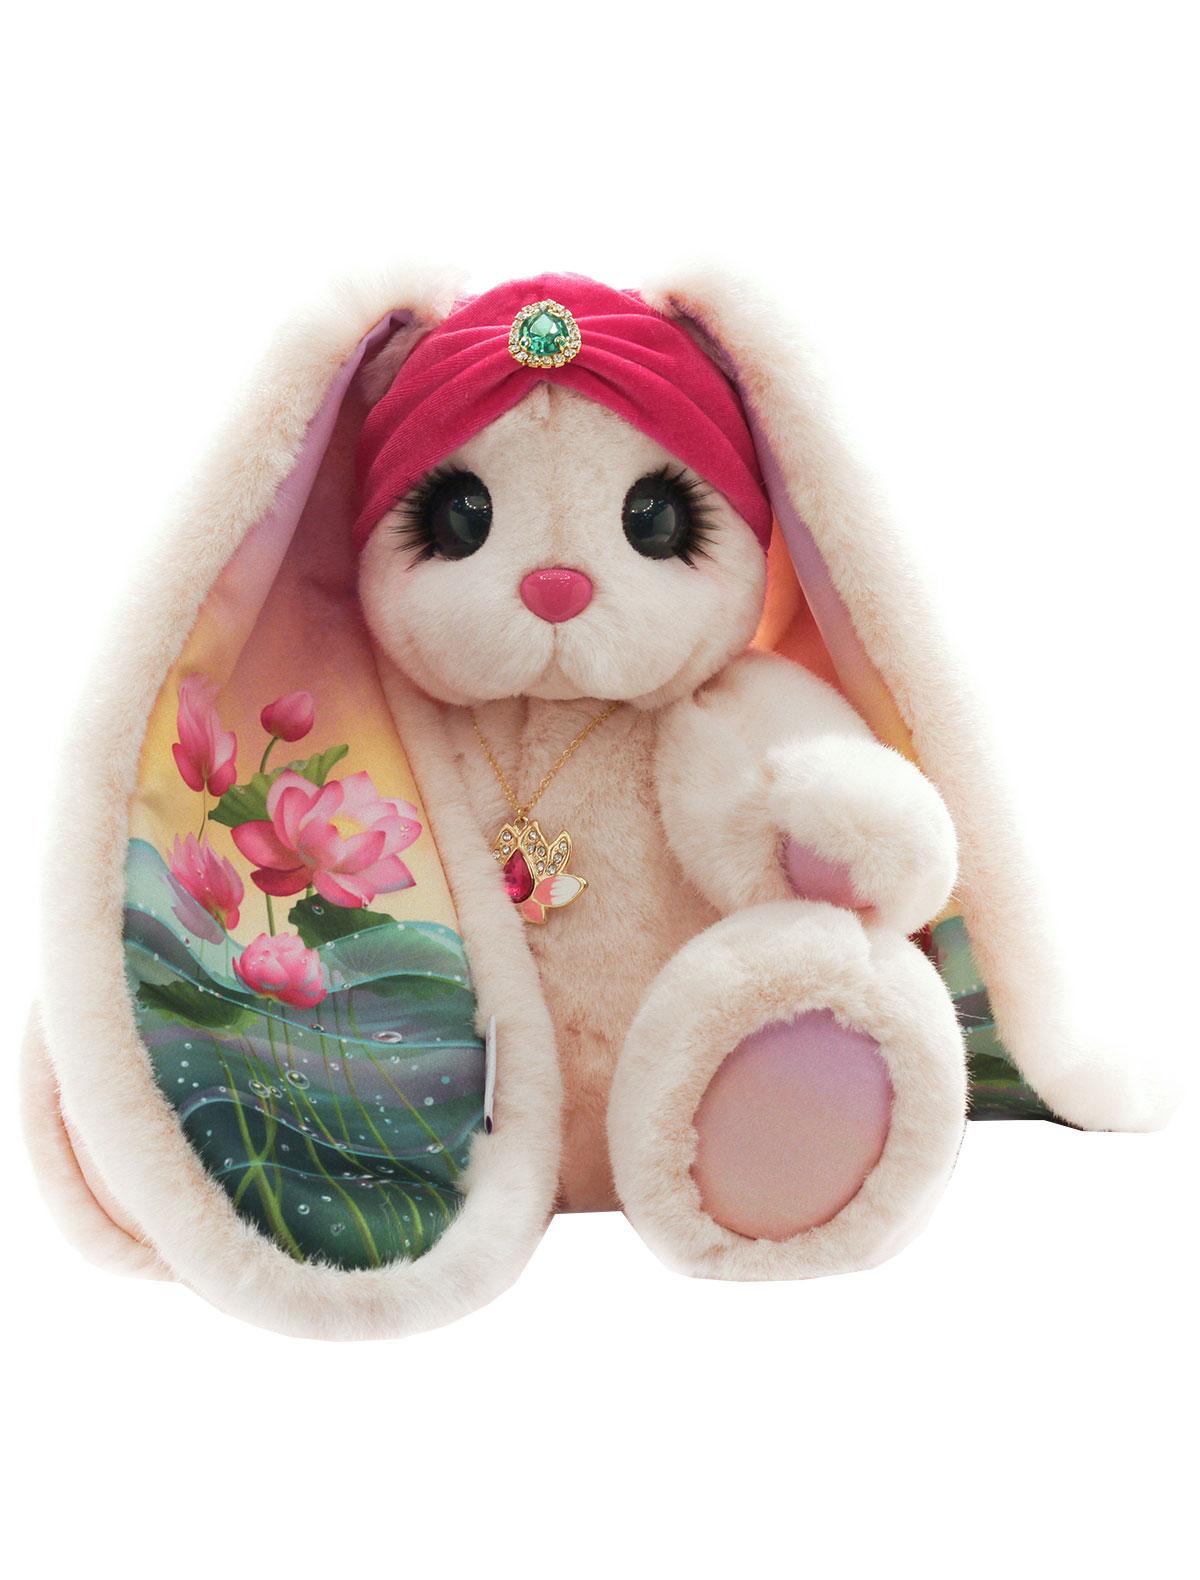 Купить 2305747, Игрушка Piglette, розовый, 7134528170044